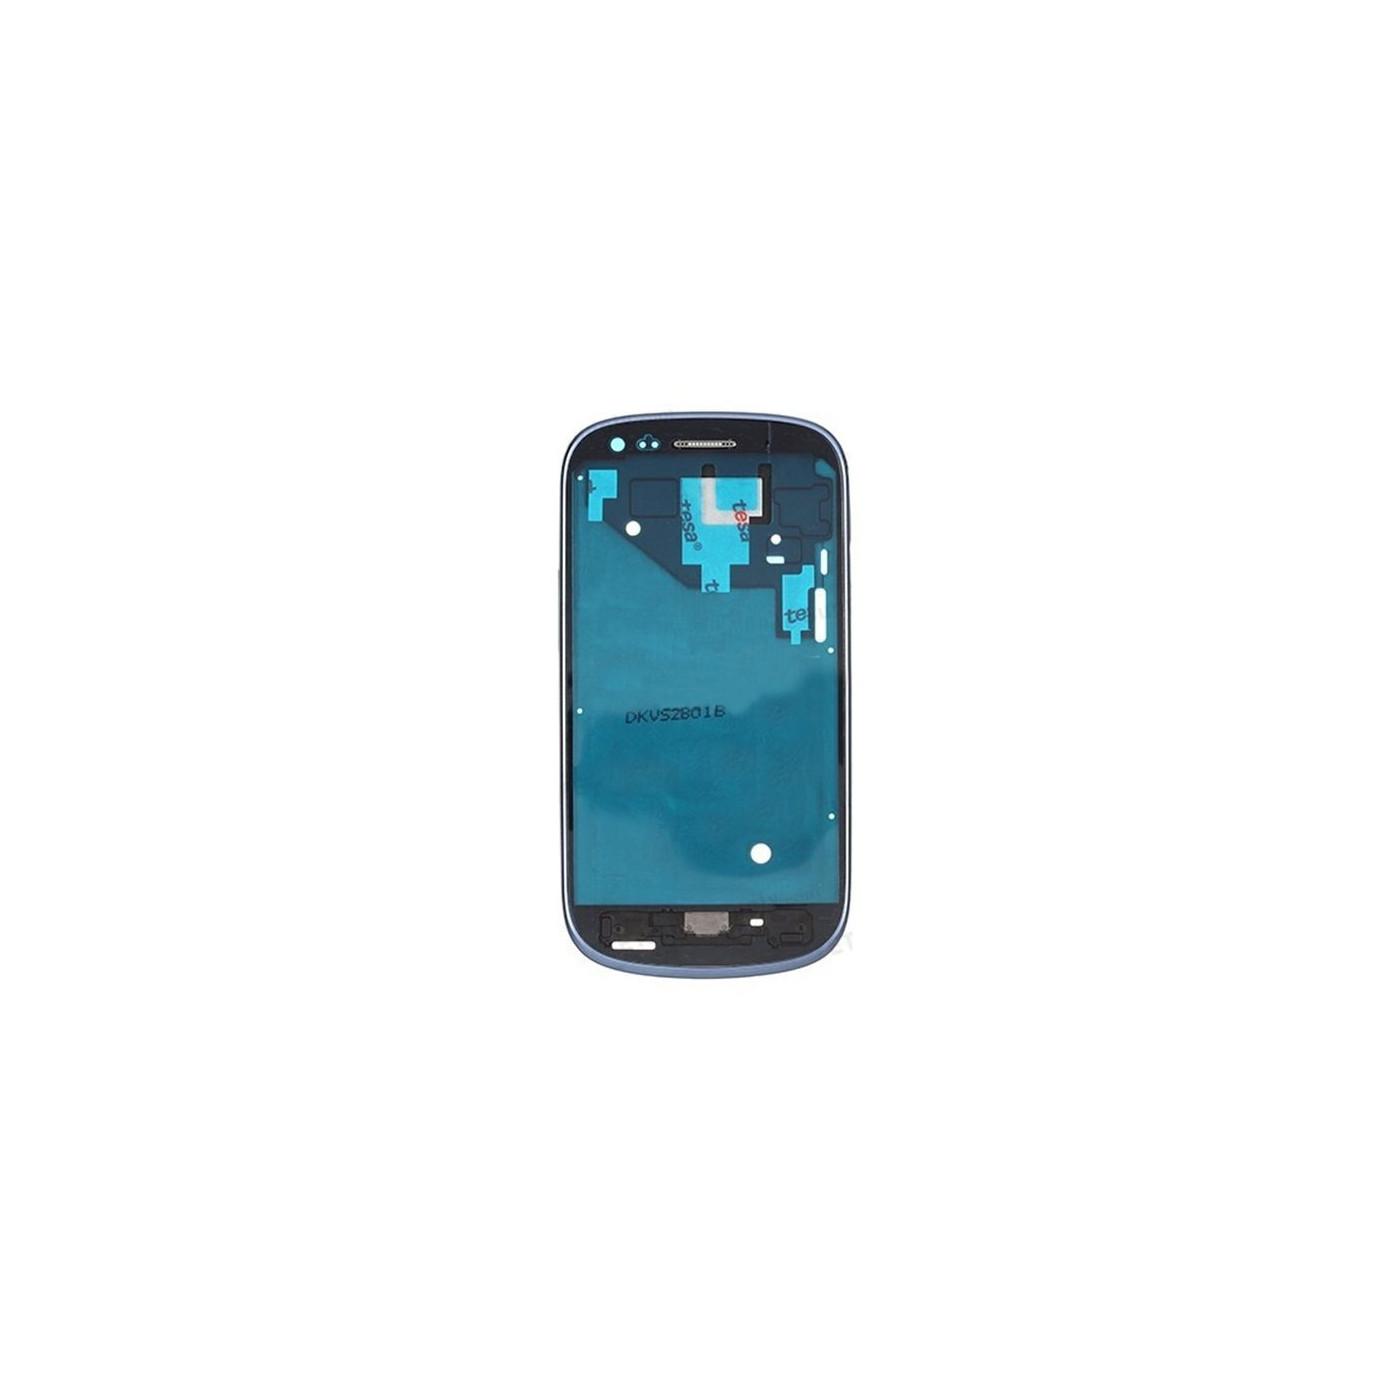 Châssis Frame Frame Frame pour Samsung Galaxy S3 mini I8190 Bleu